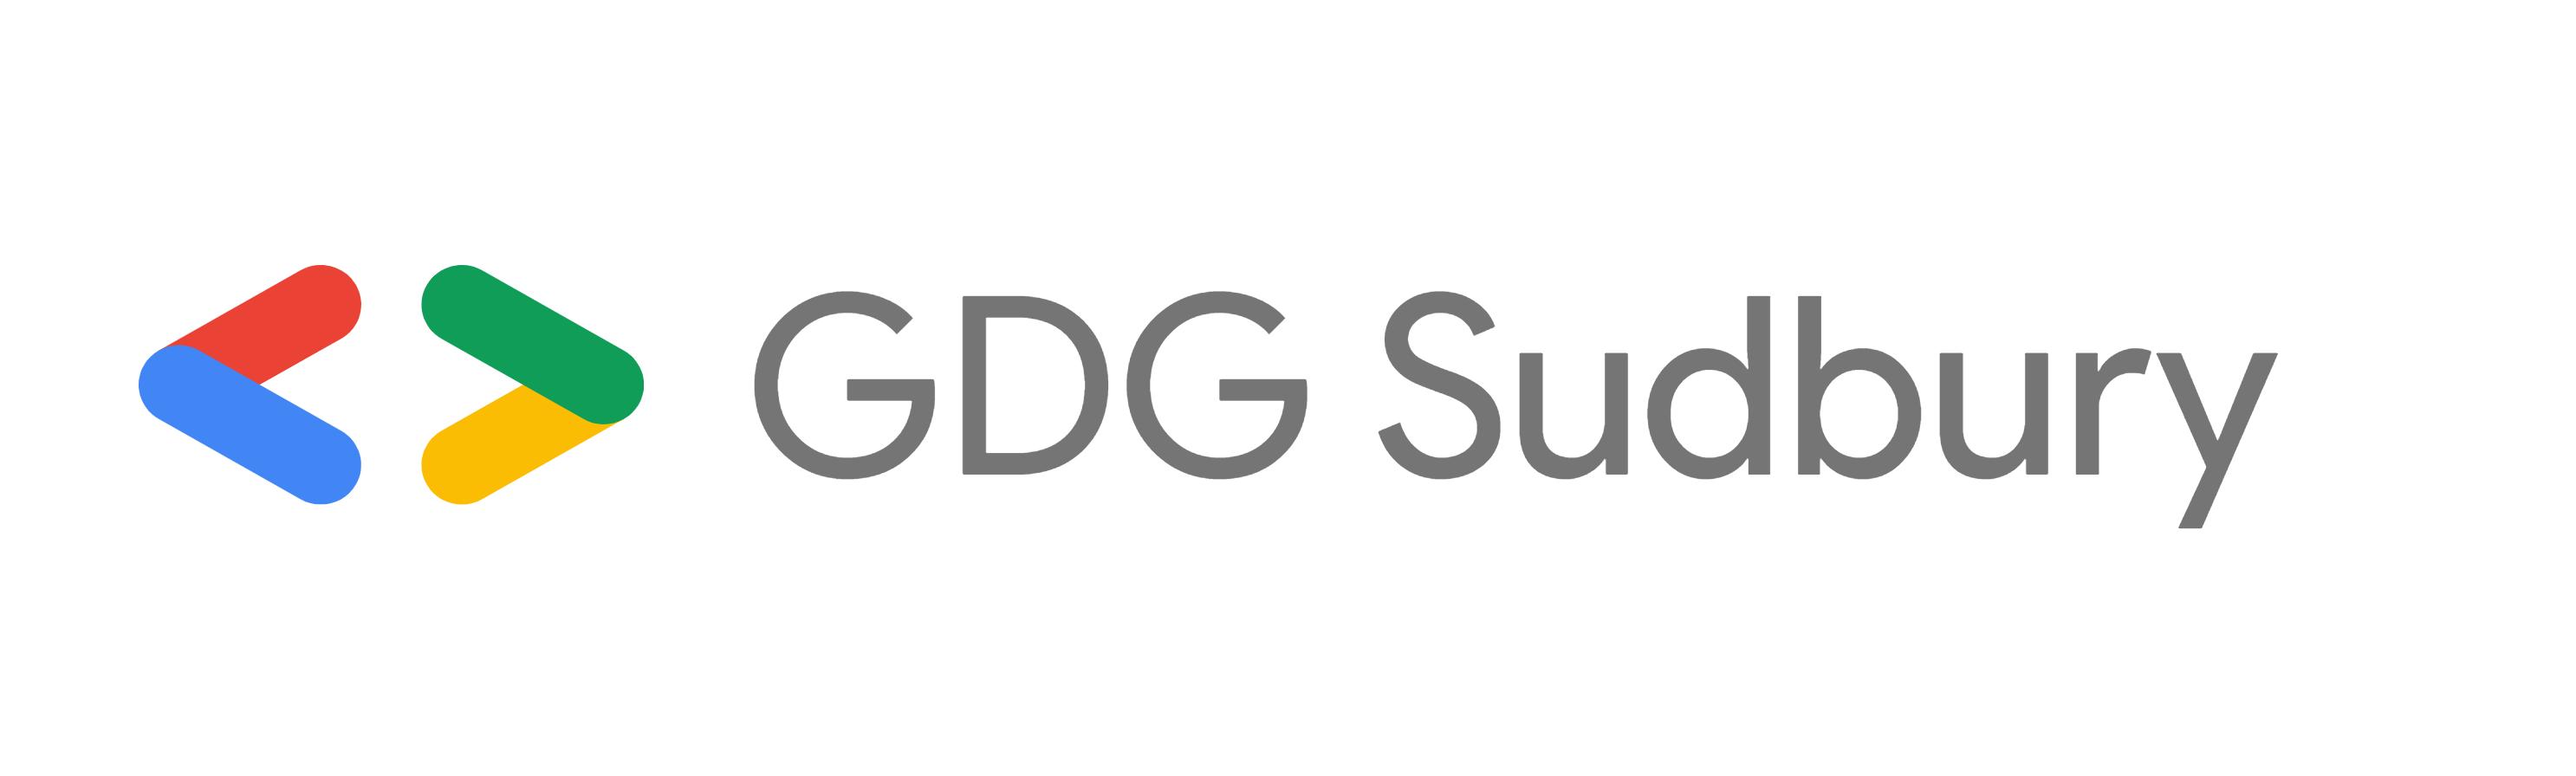 GDG Sudbury Logo